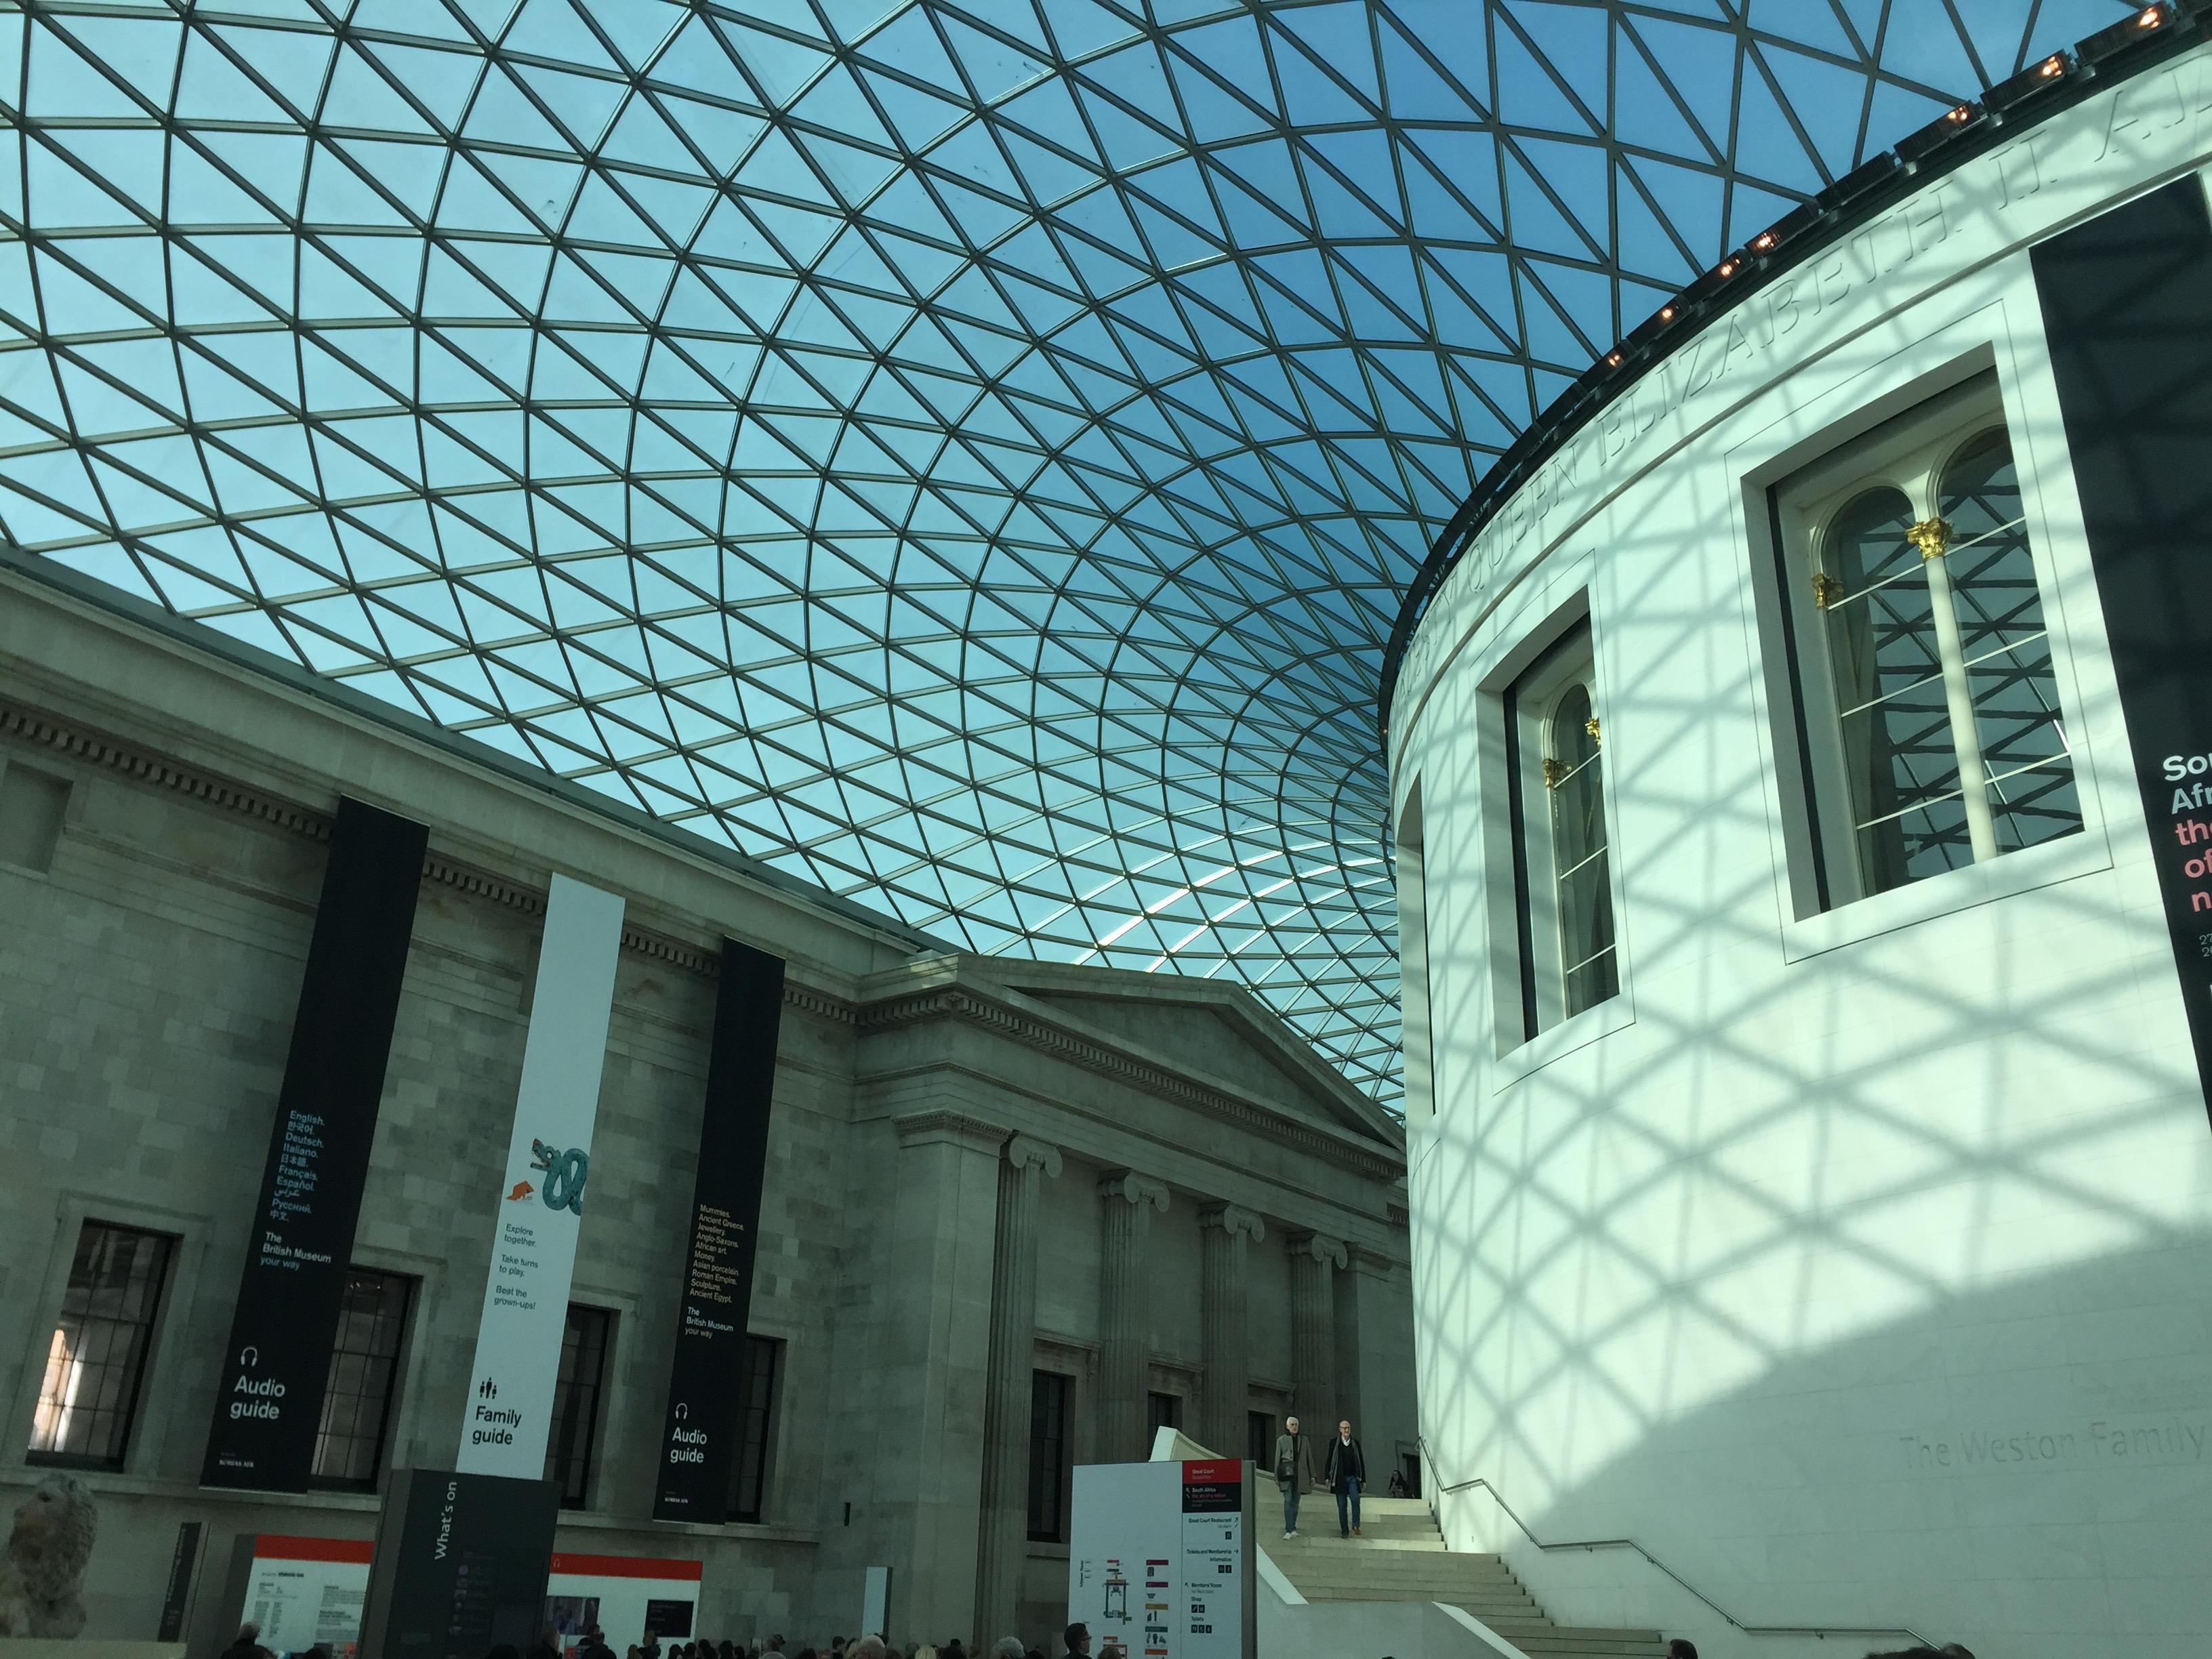 ロンドンでミュージカルのチケット購入編〜フランス・イギリス旅行記7